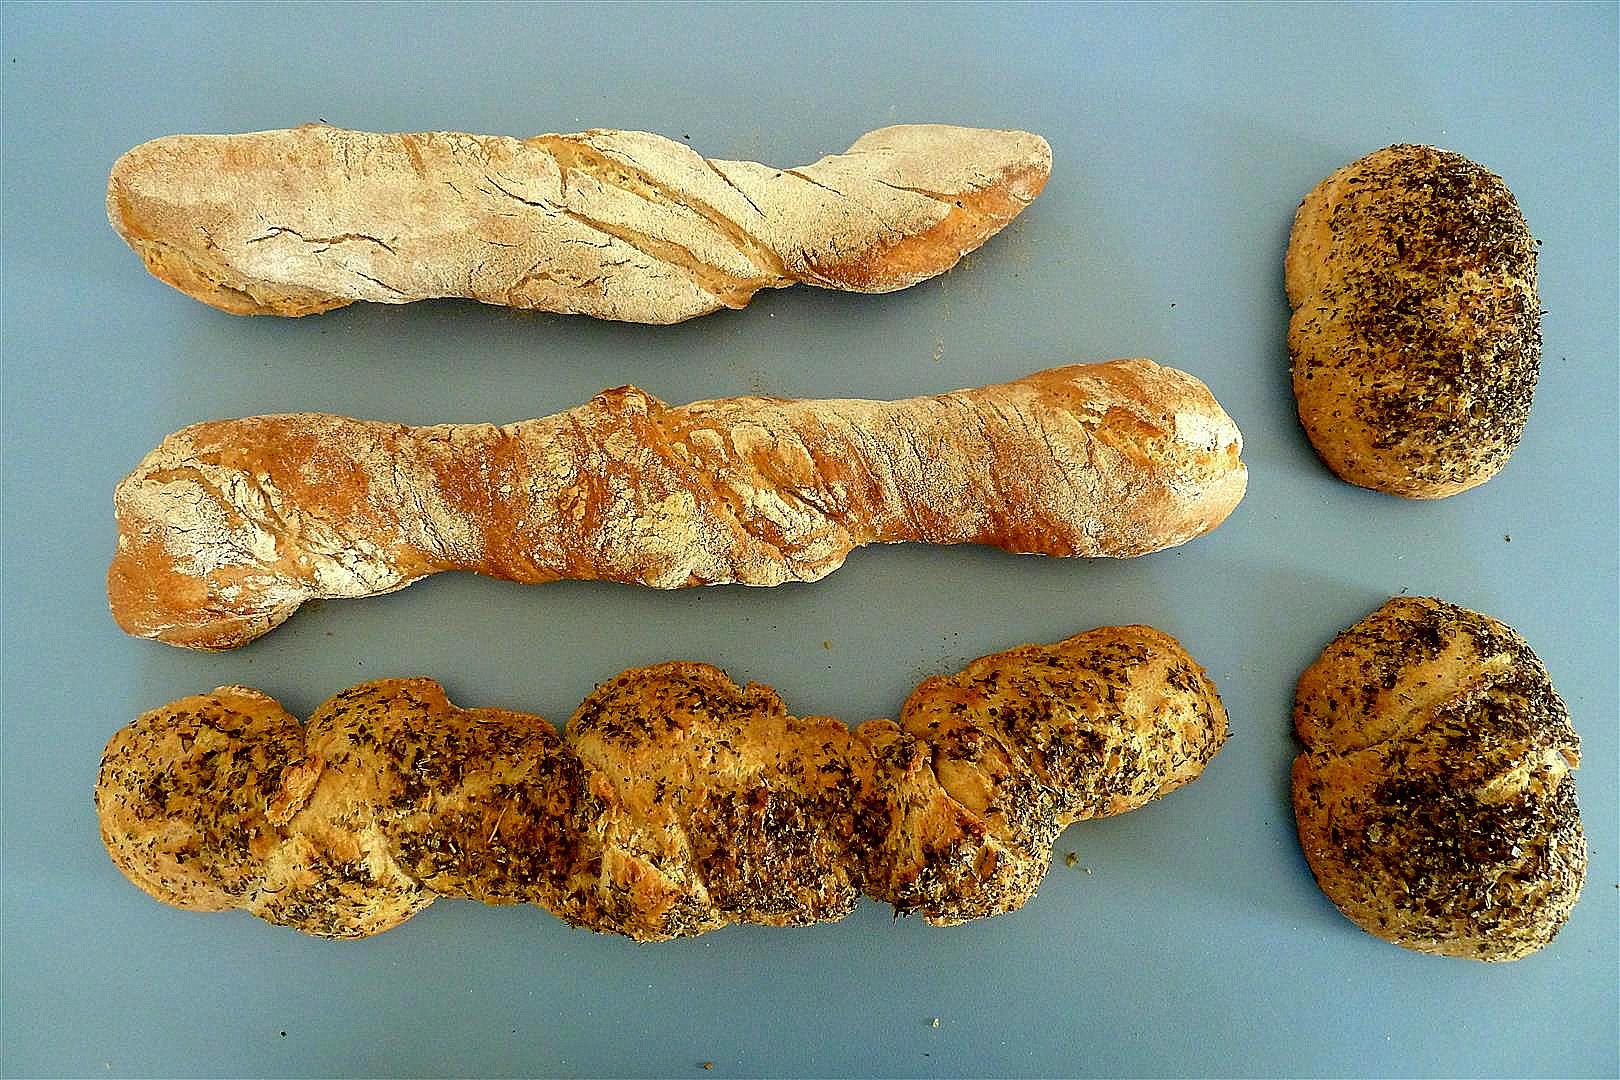 Öl und Kräuter schmecken auch gut auf Baguettes und Brötchen